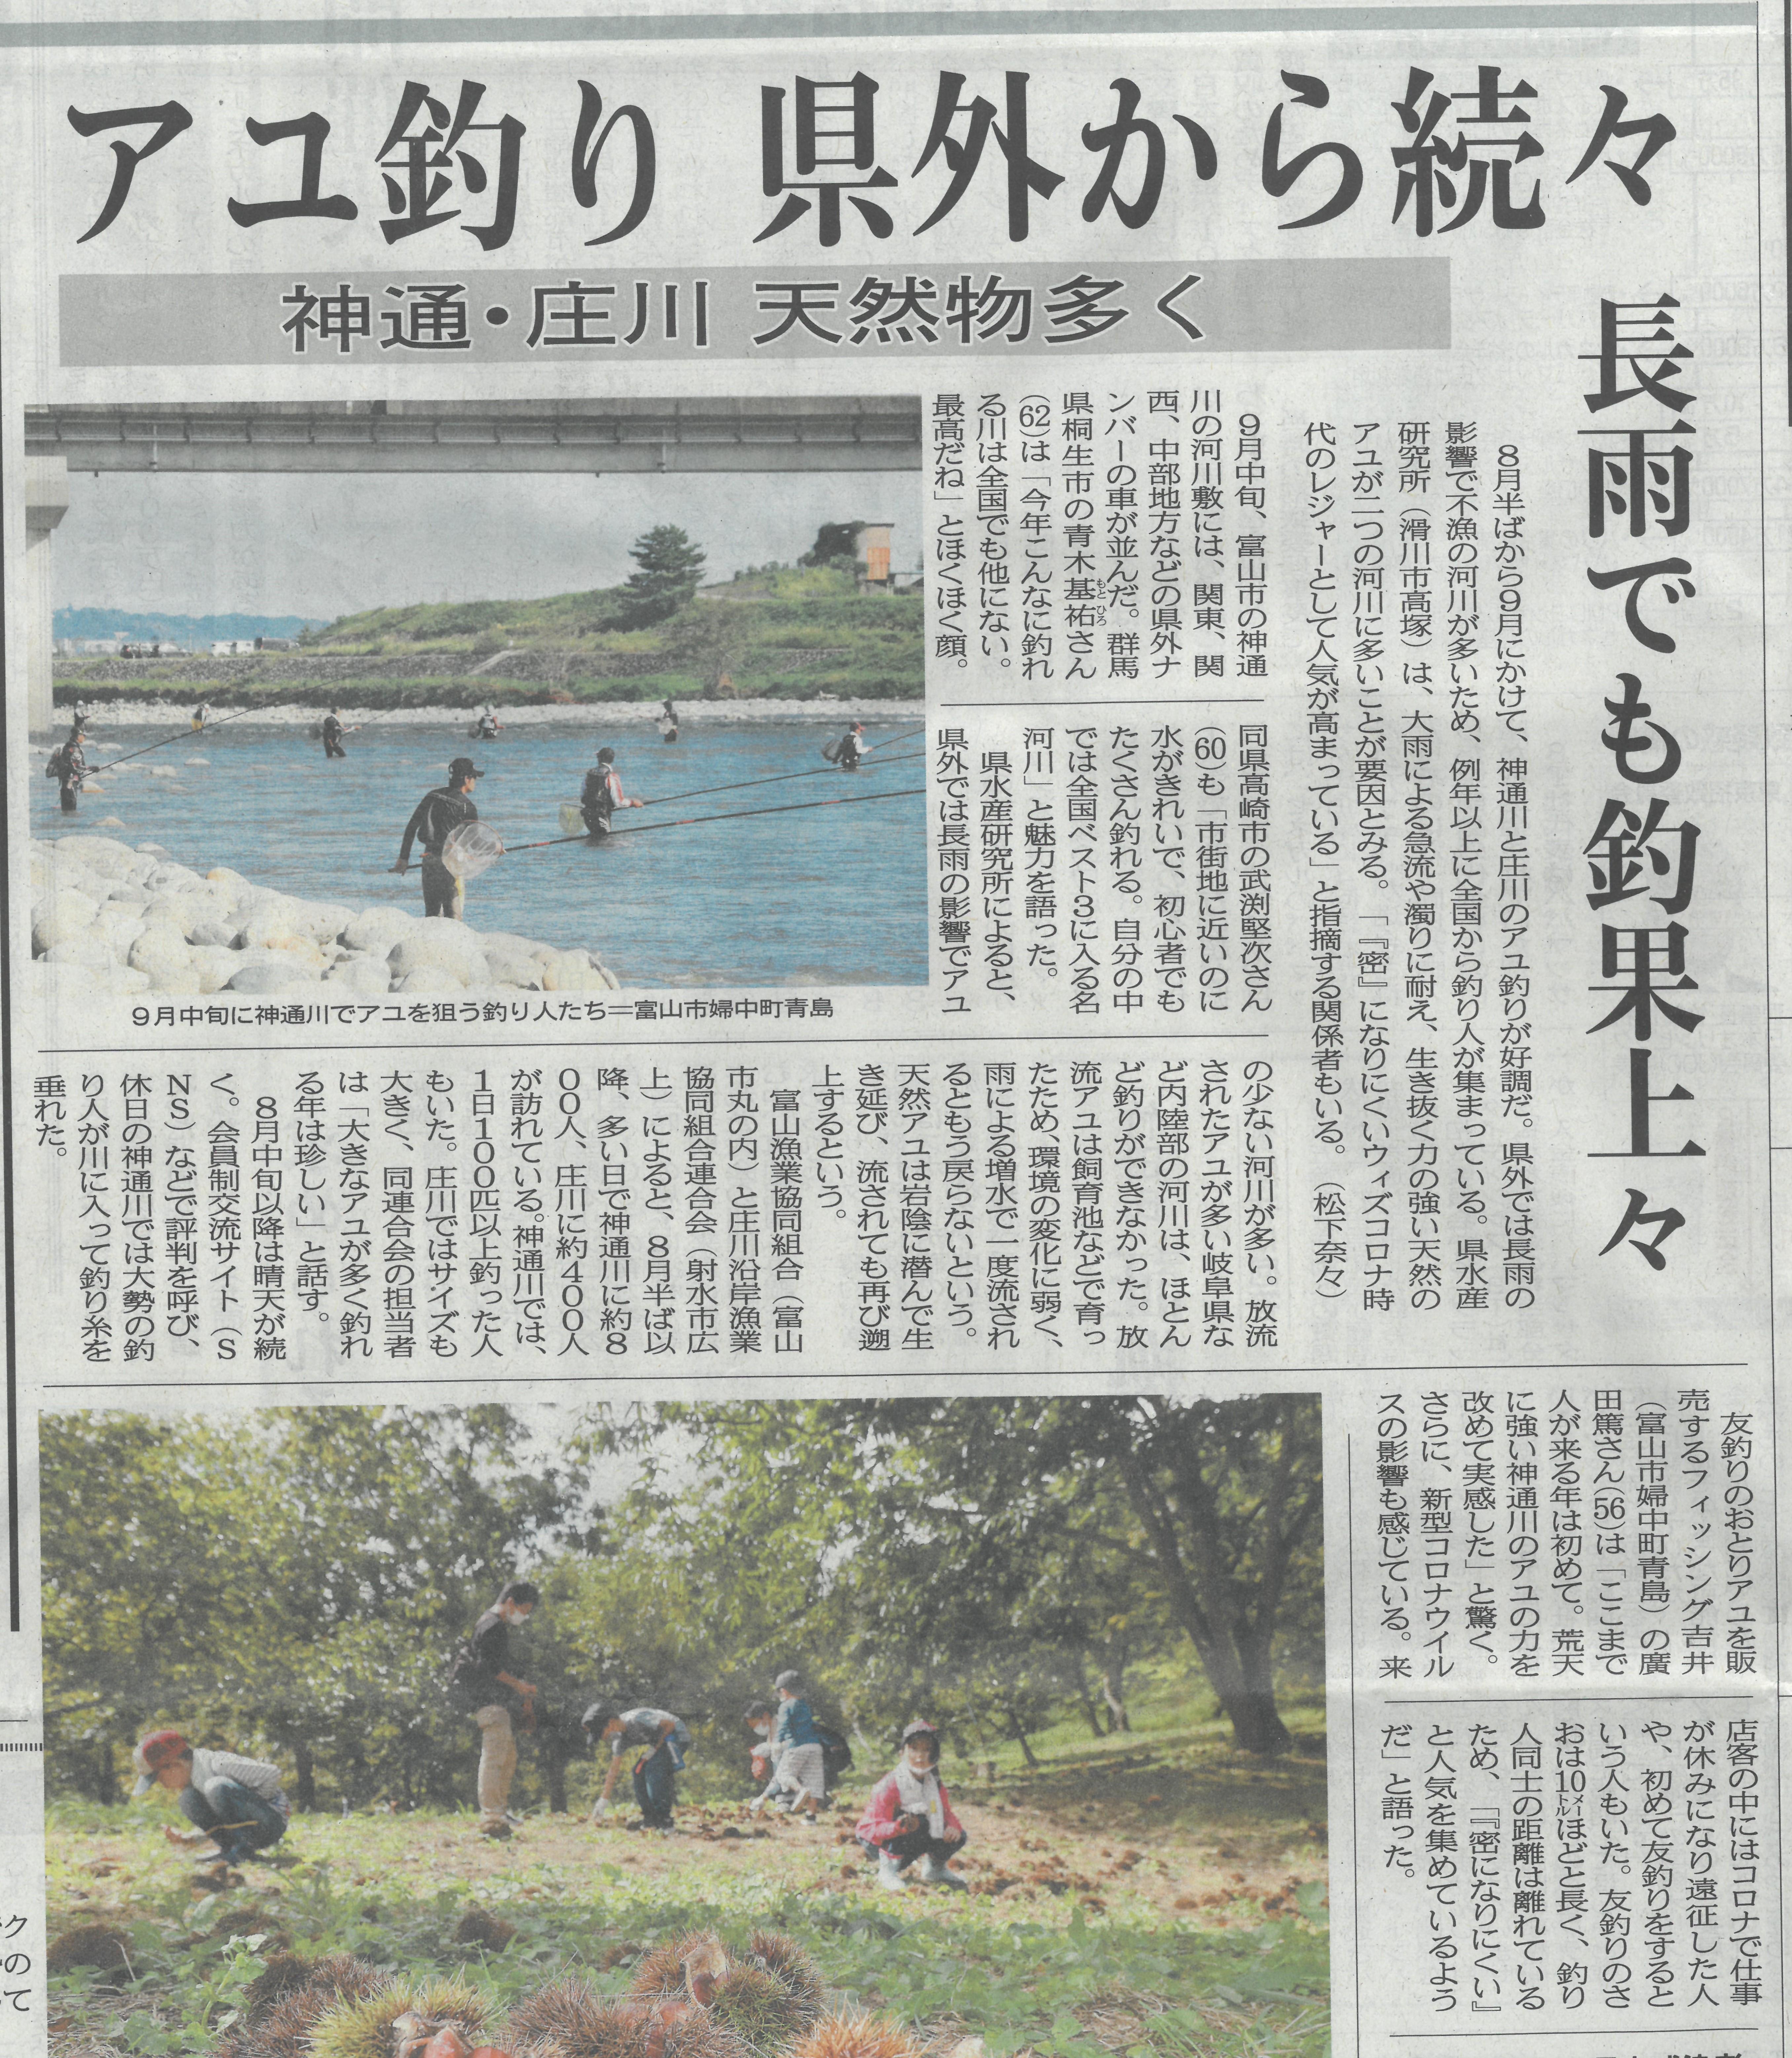 北日本新聞 長雨でも釣果上々